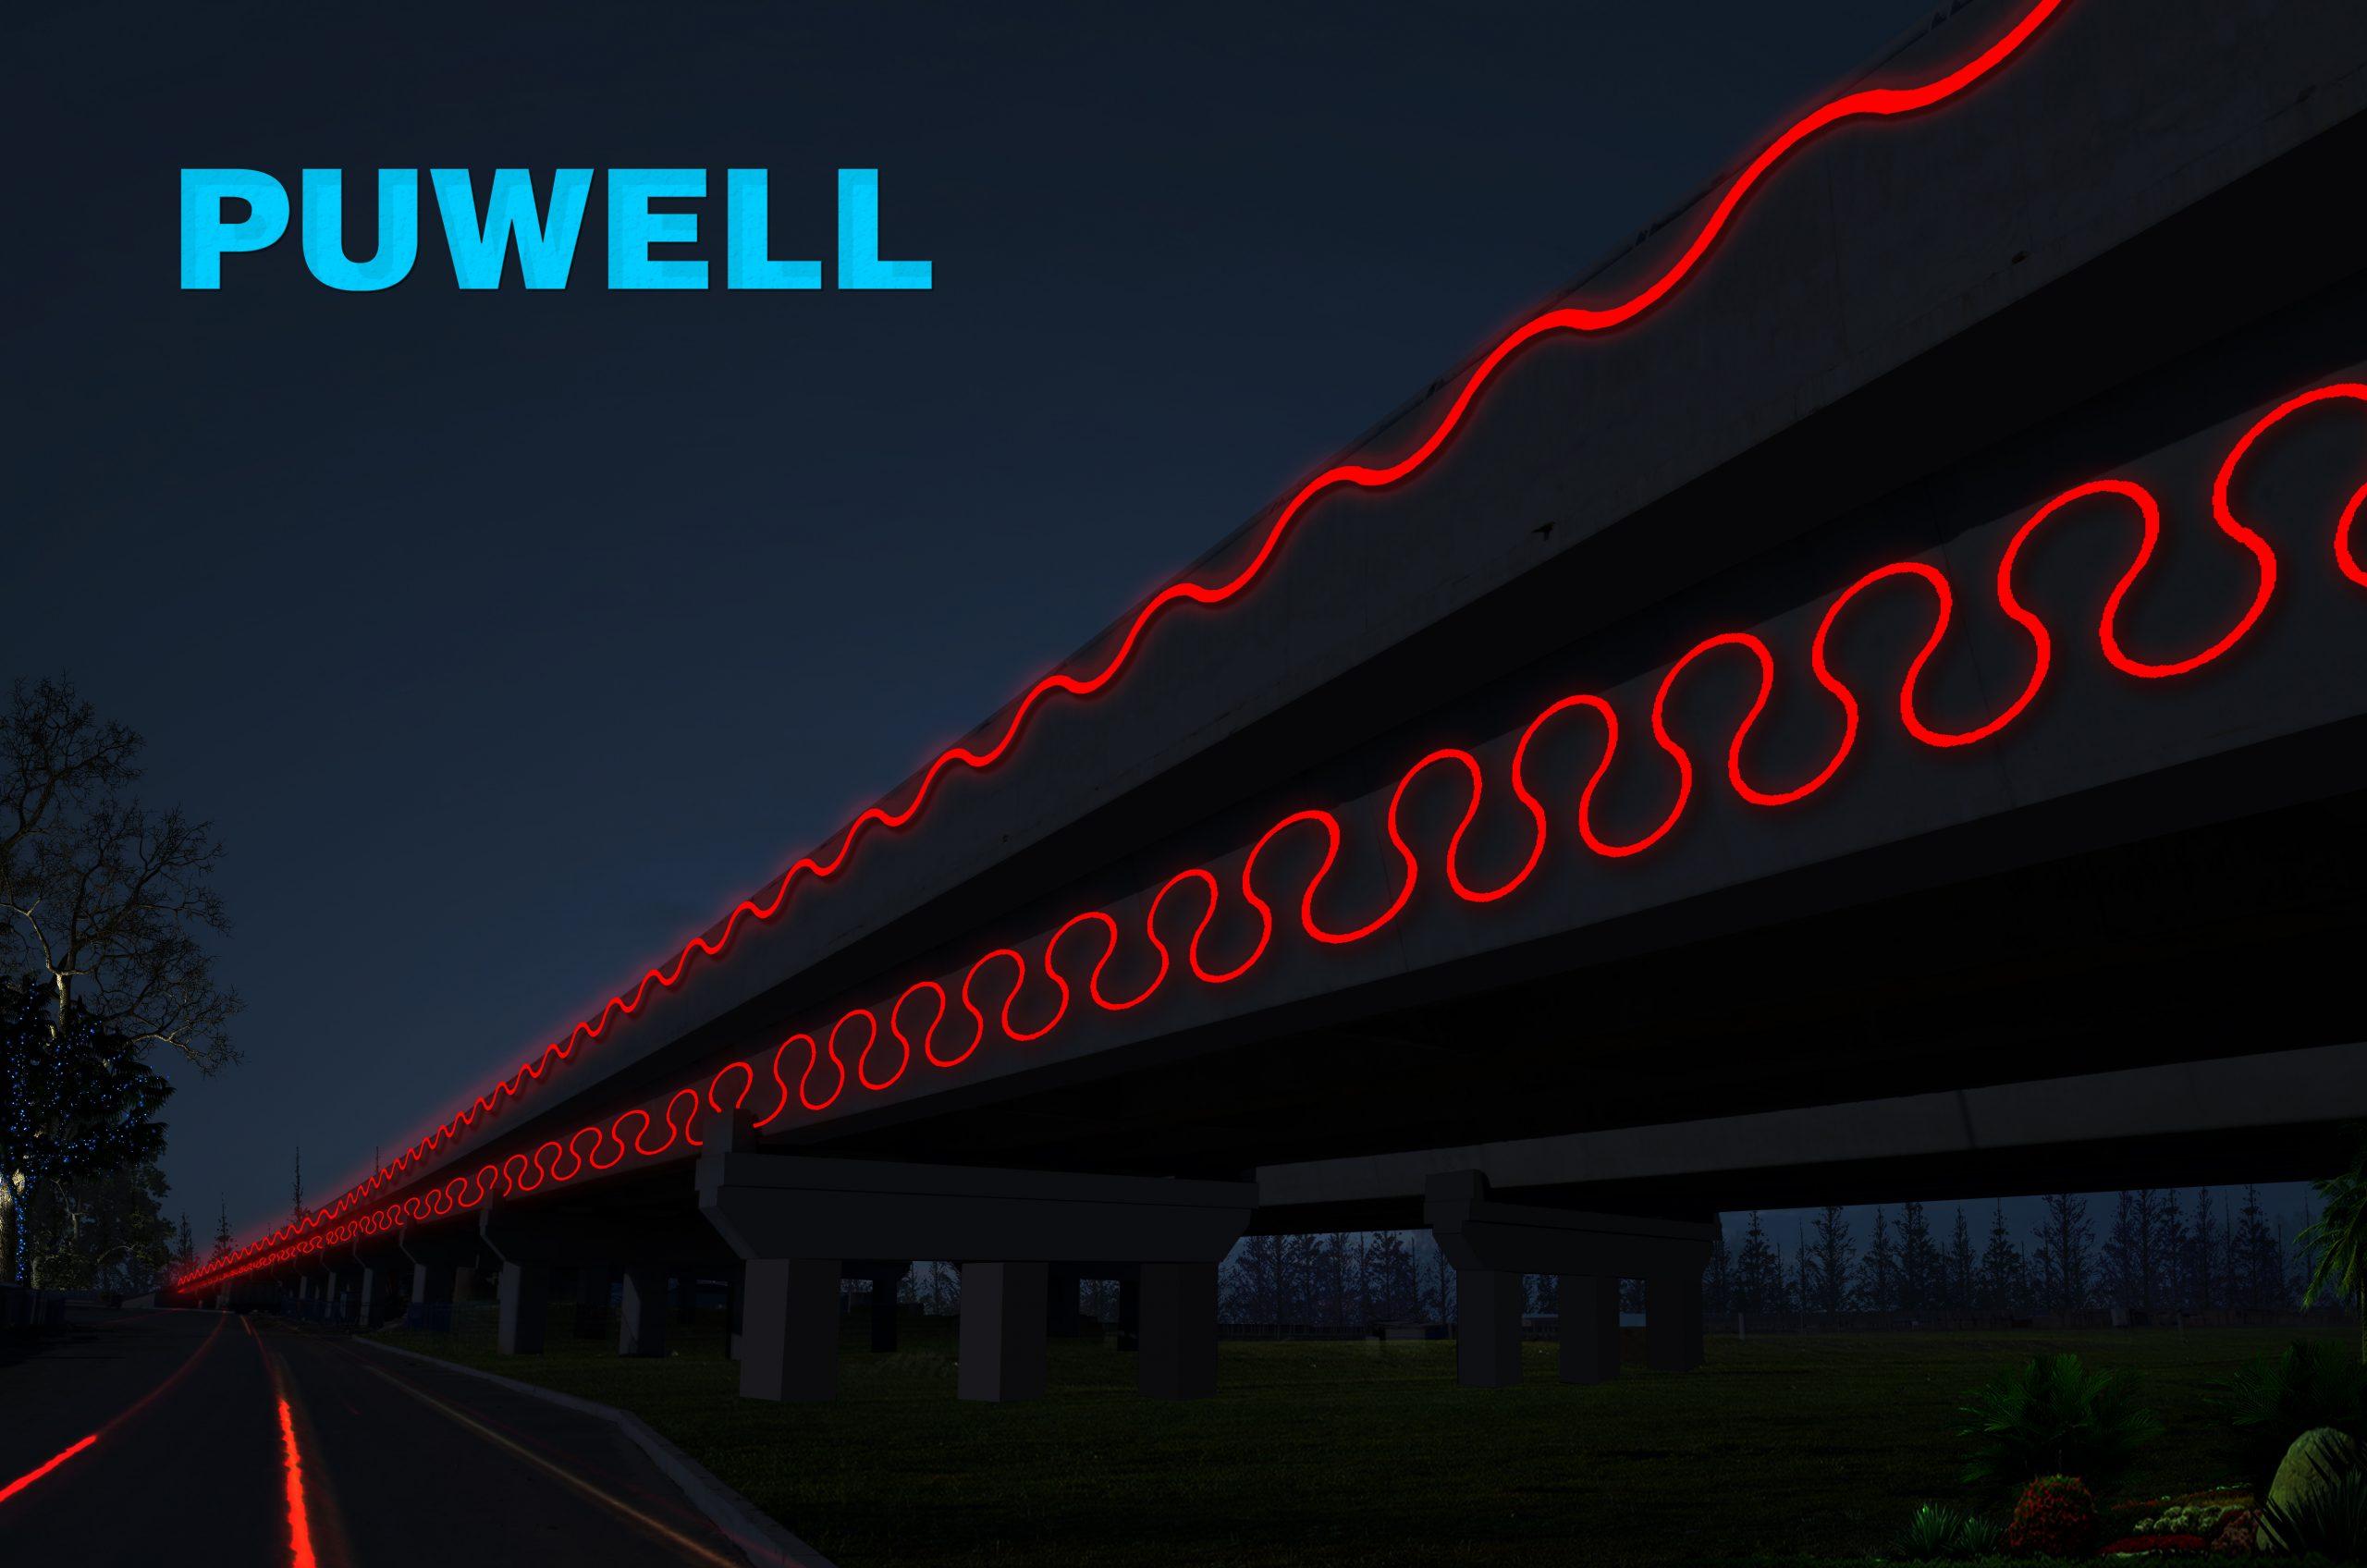 桥梁线条灯,桥梁造型灯,LED桥梁灯具,LED天桥灯,天桥造型灯